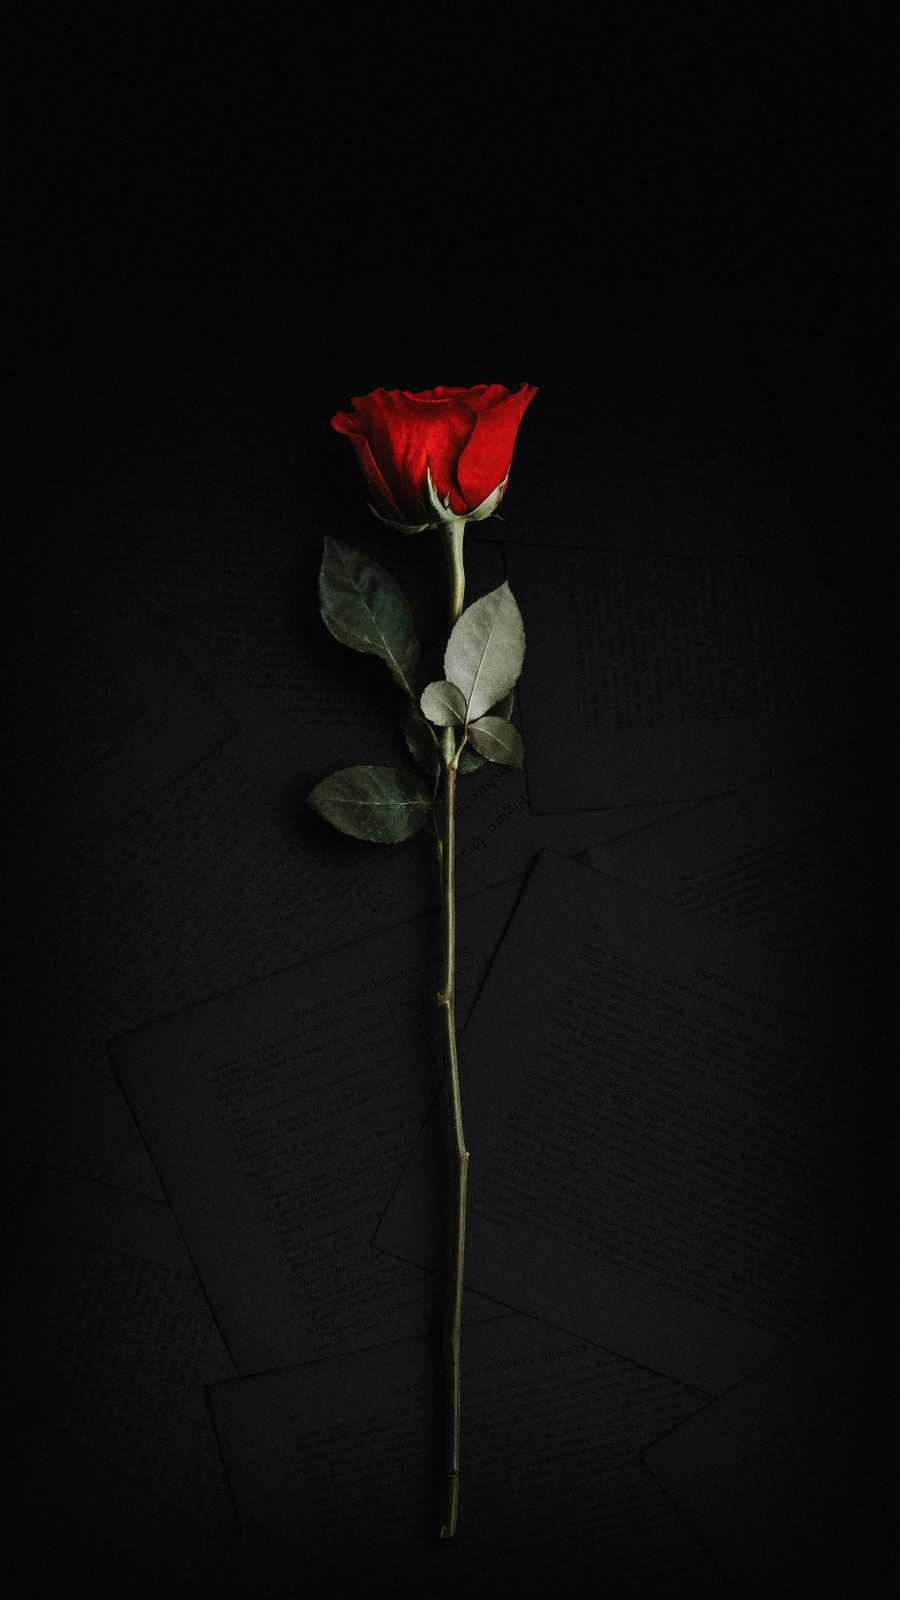 Rose in Dark iPhone Wallpaper